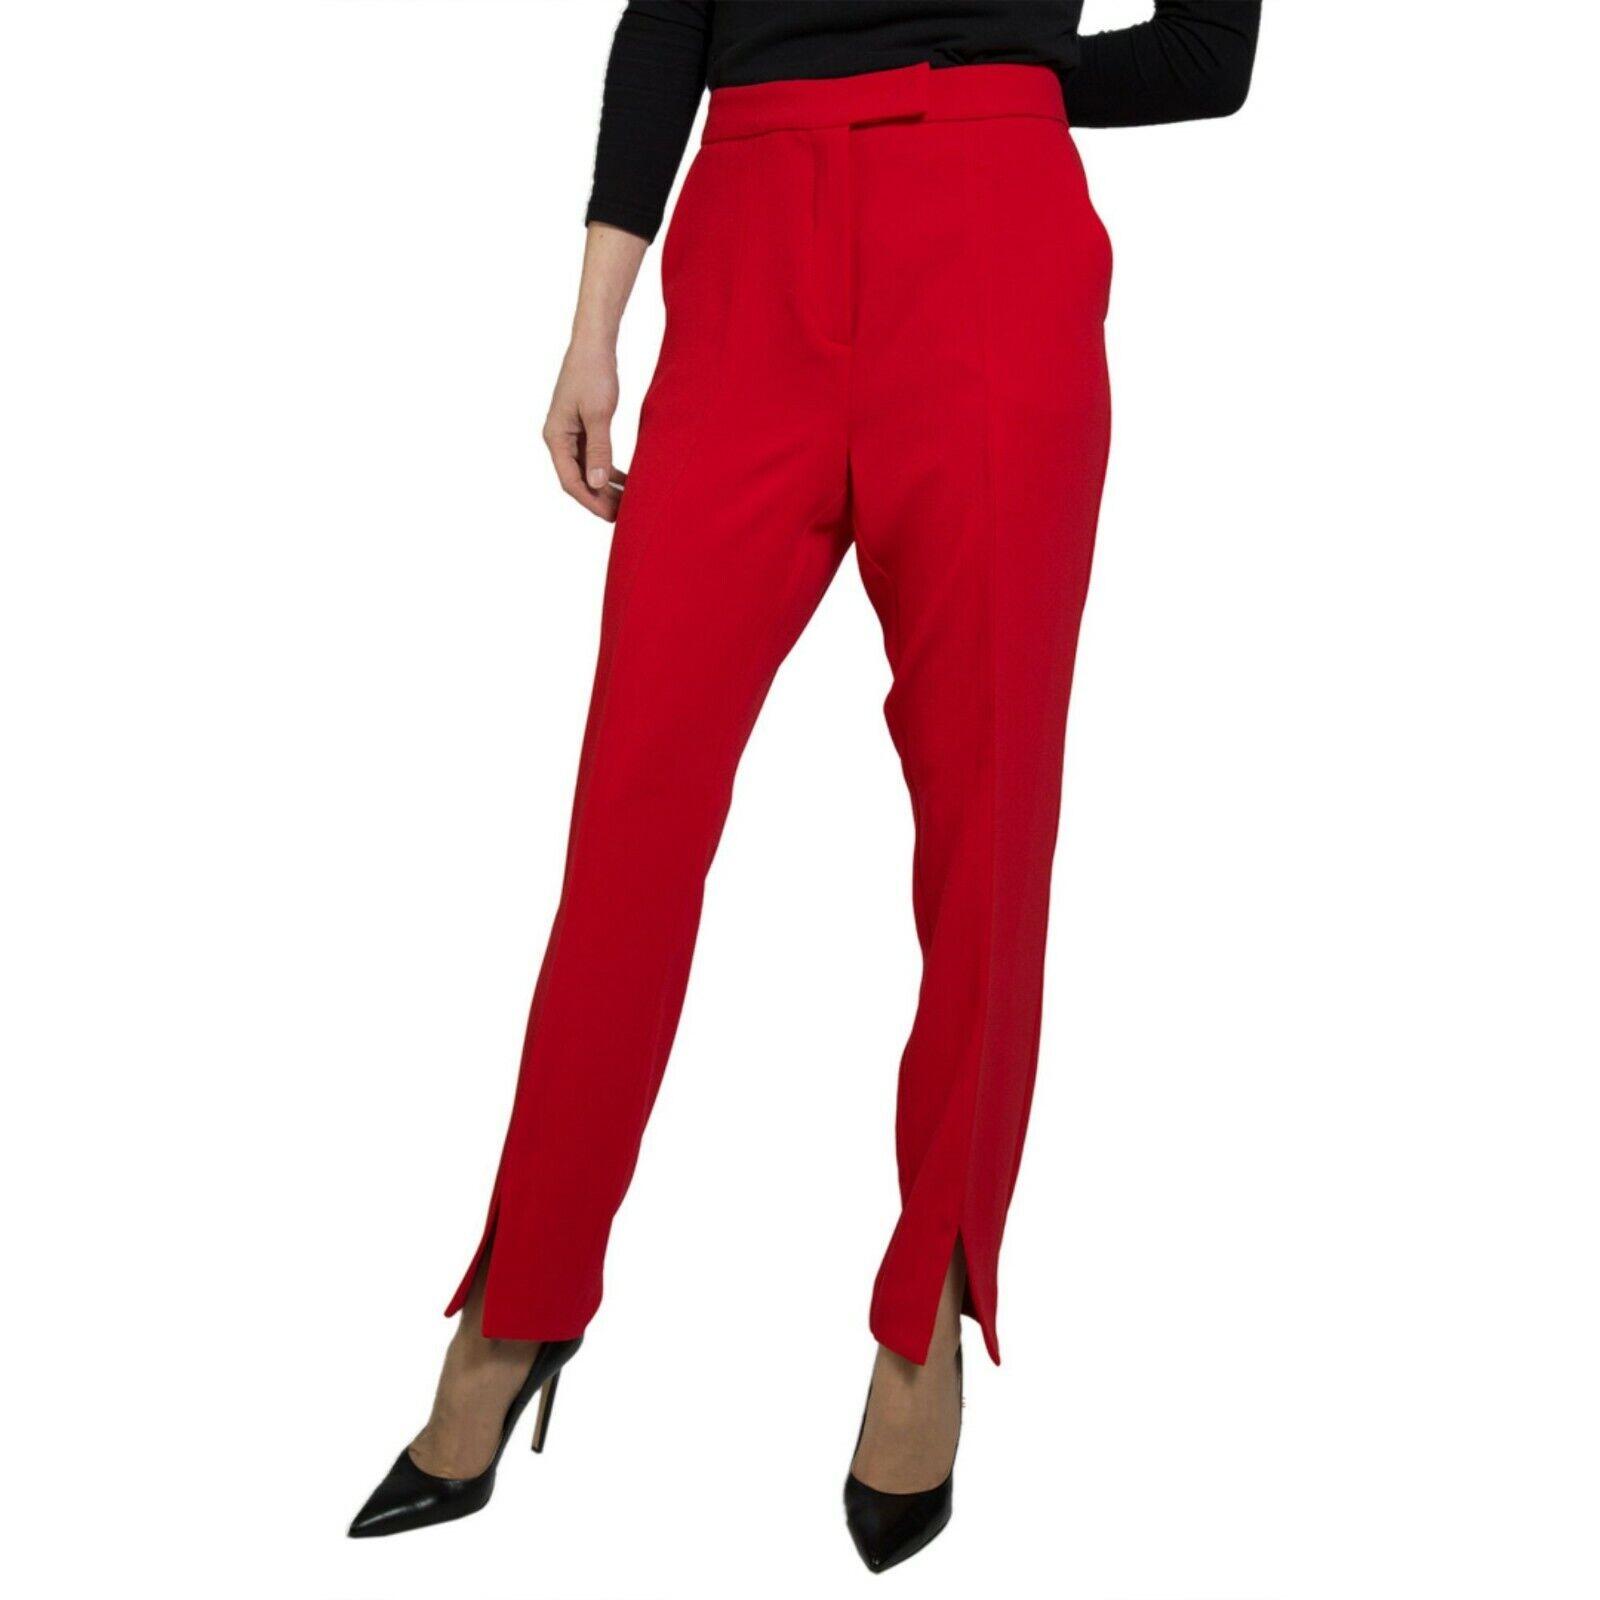 Marella Amarena Pantalone damen Col Rosso tg varie   NUOVA COLLEZIONE S S 19